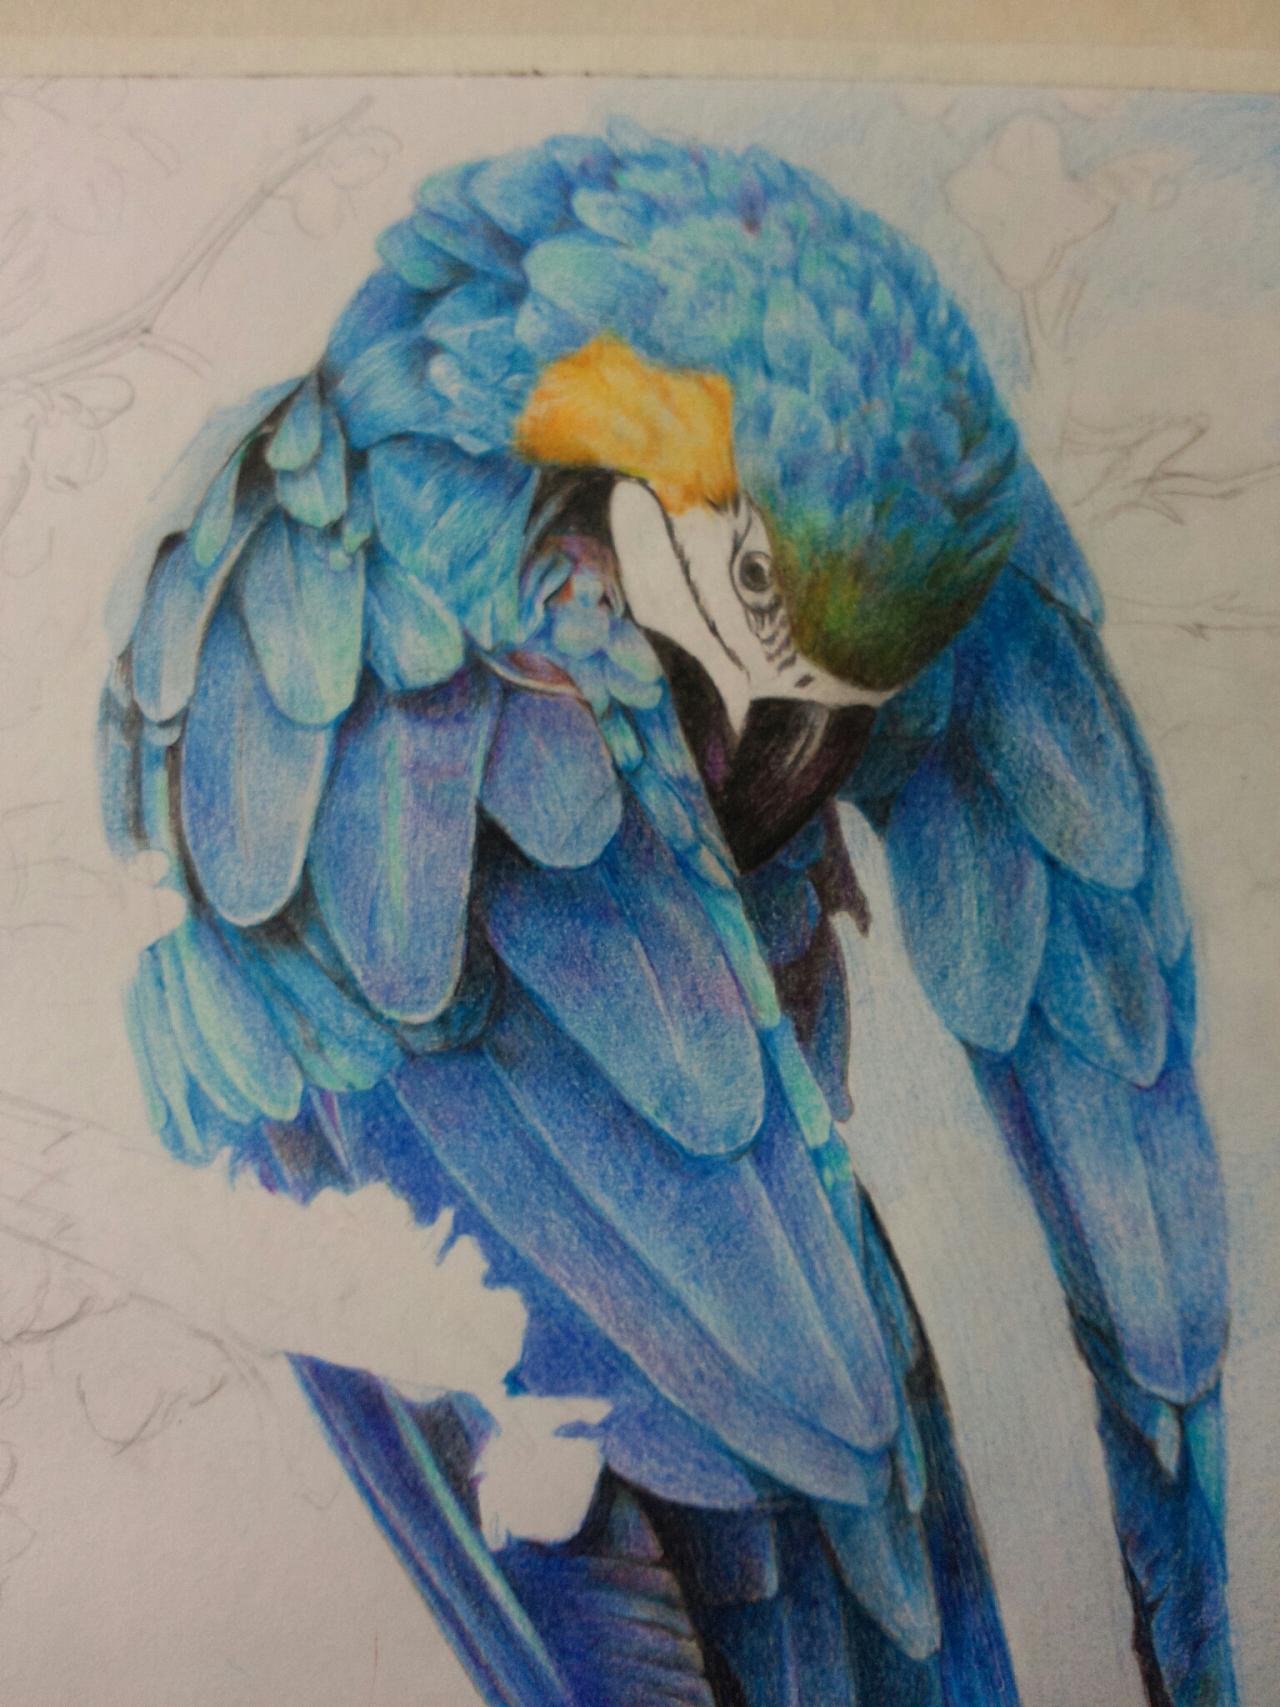 两张鸟类手绘《猫头鹰》《金刚鹦鹉》